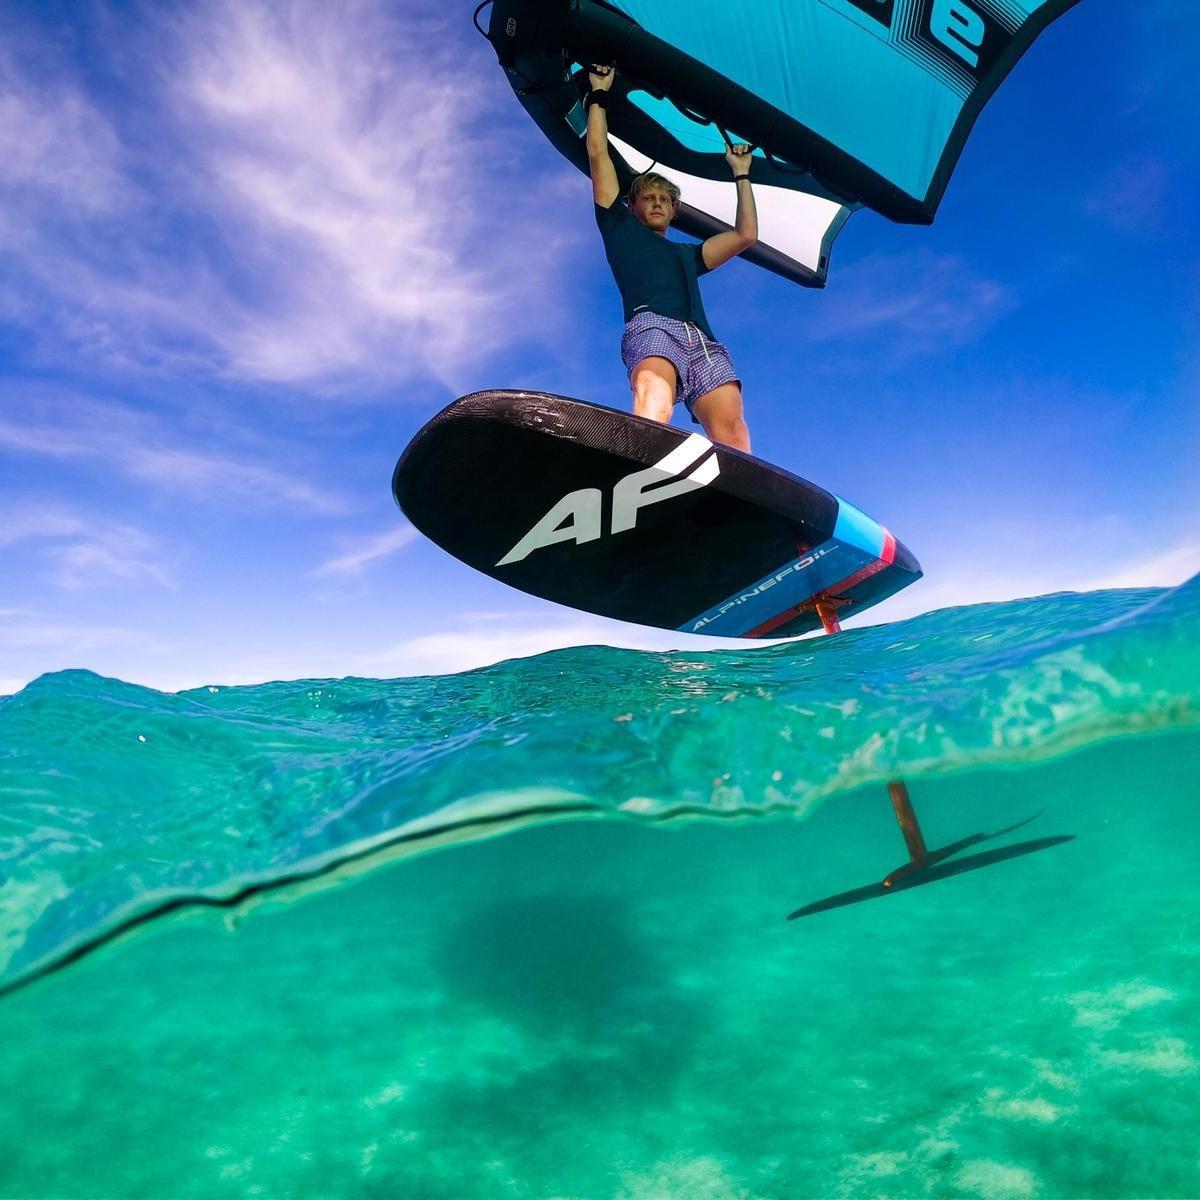 WIng foil / Surf Foil Hawk  - 1299 euros